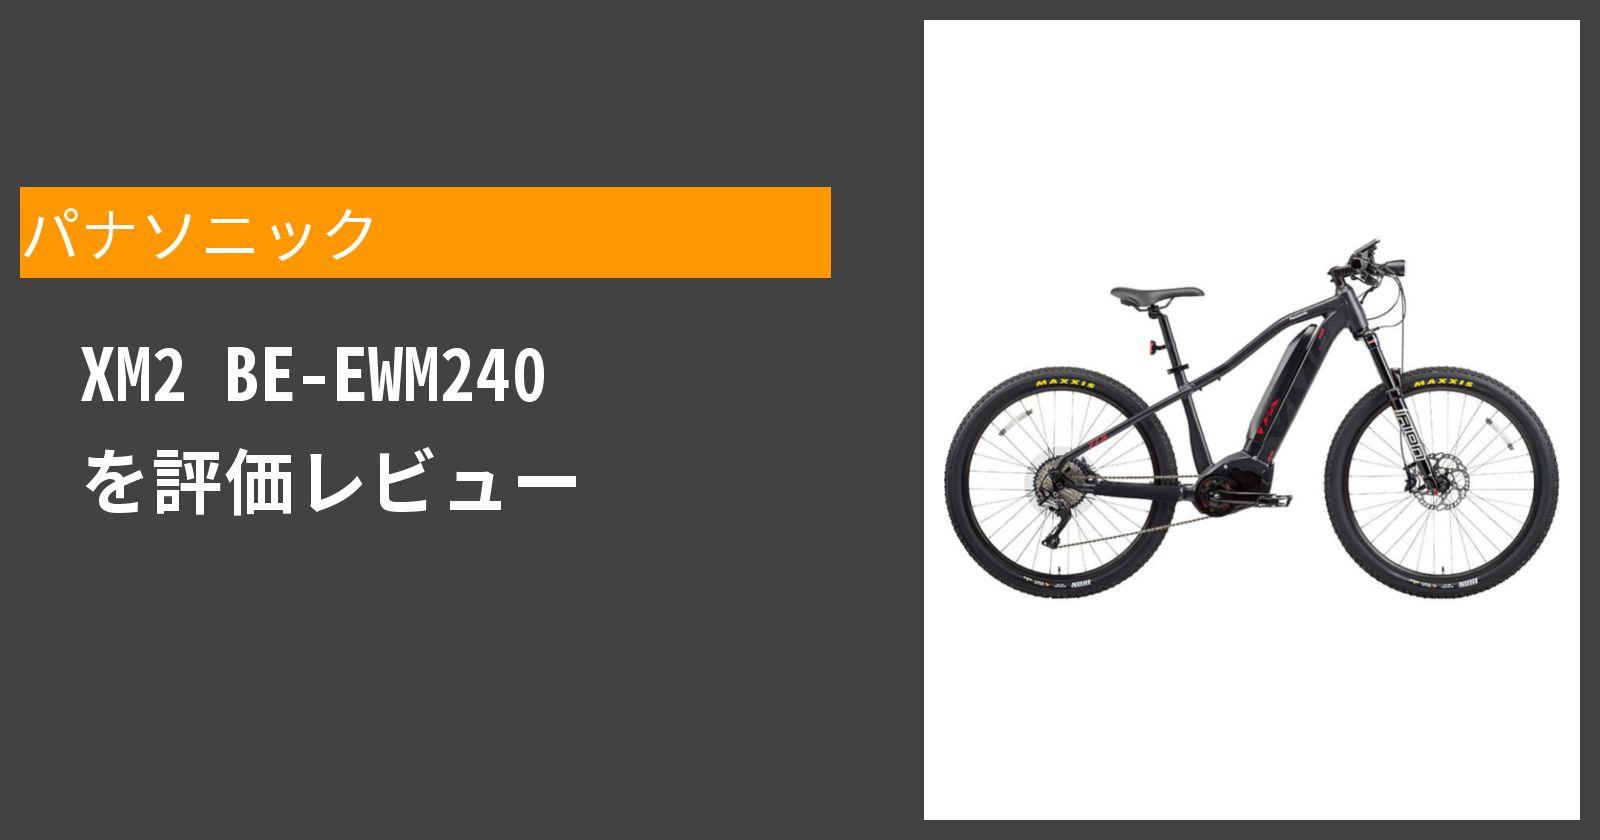 XM2 BE-EWM240を徹底評価